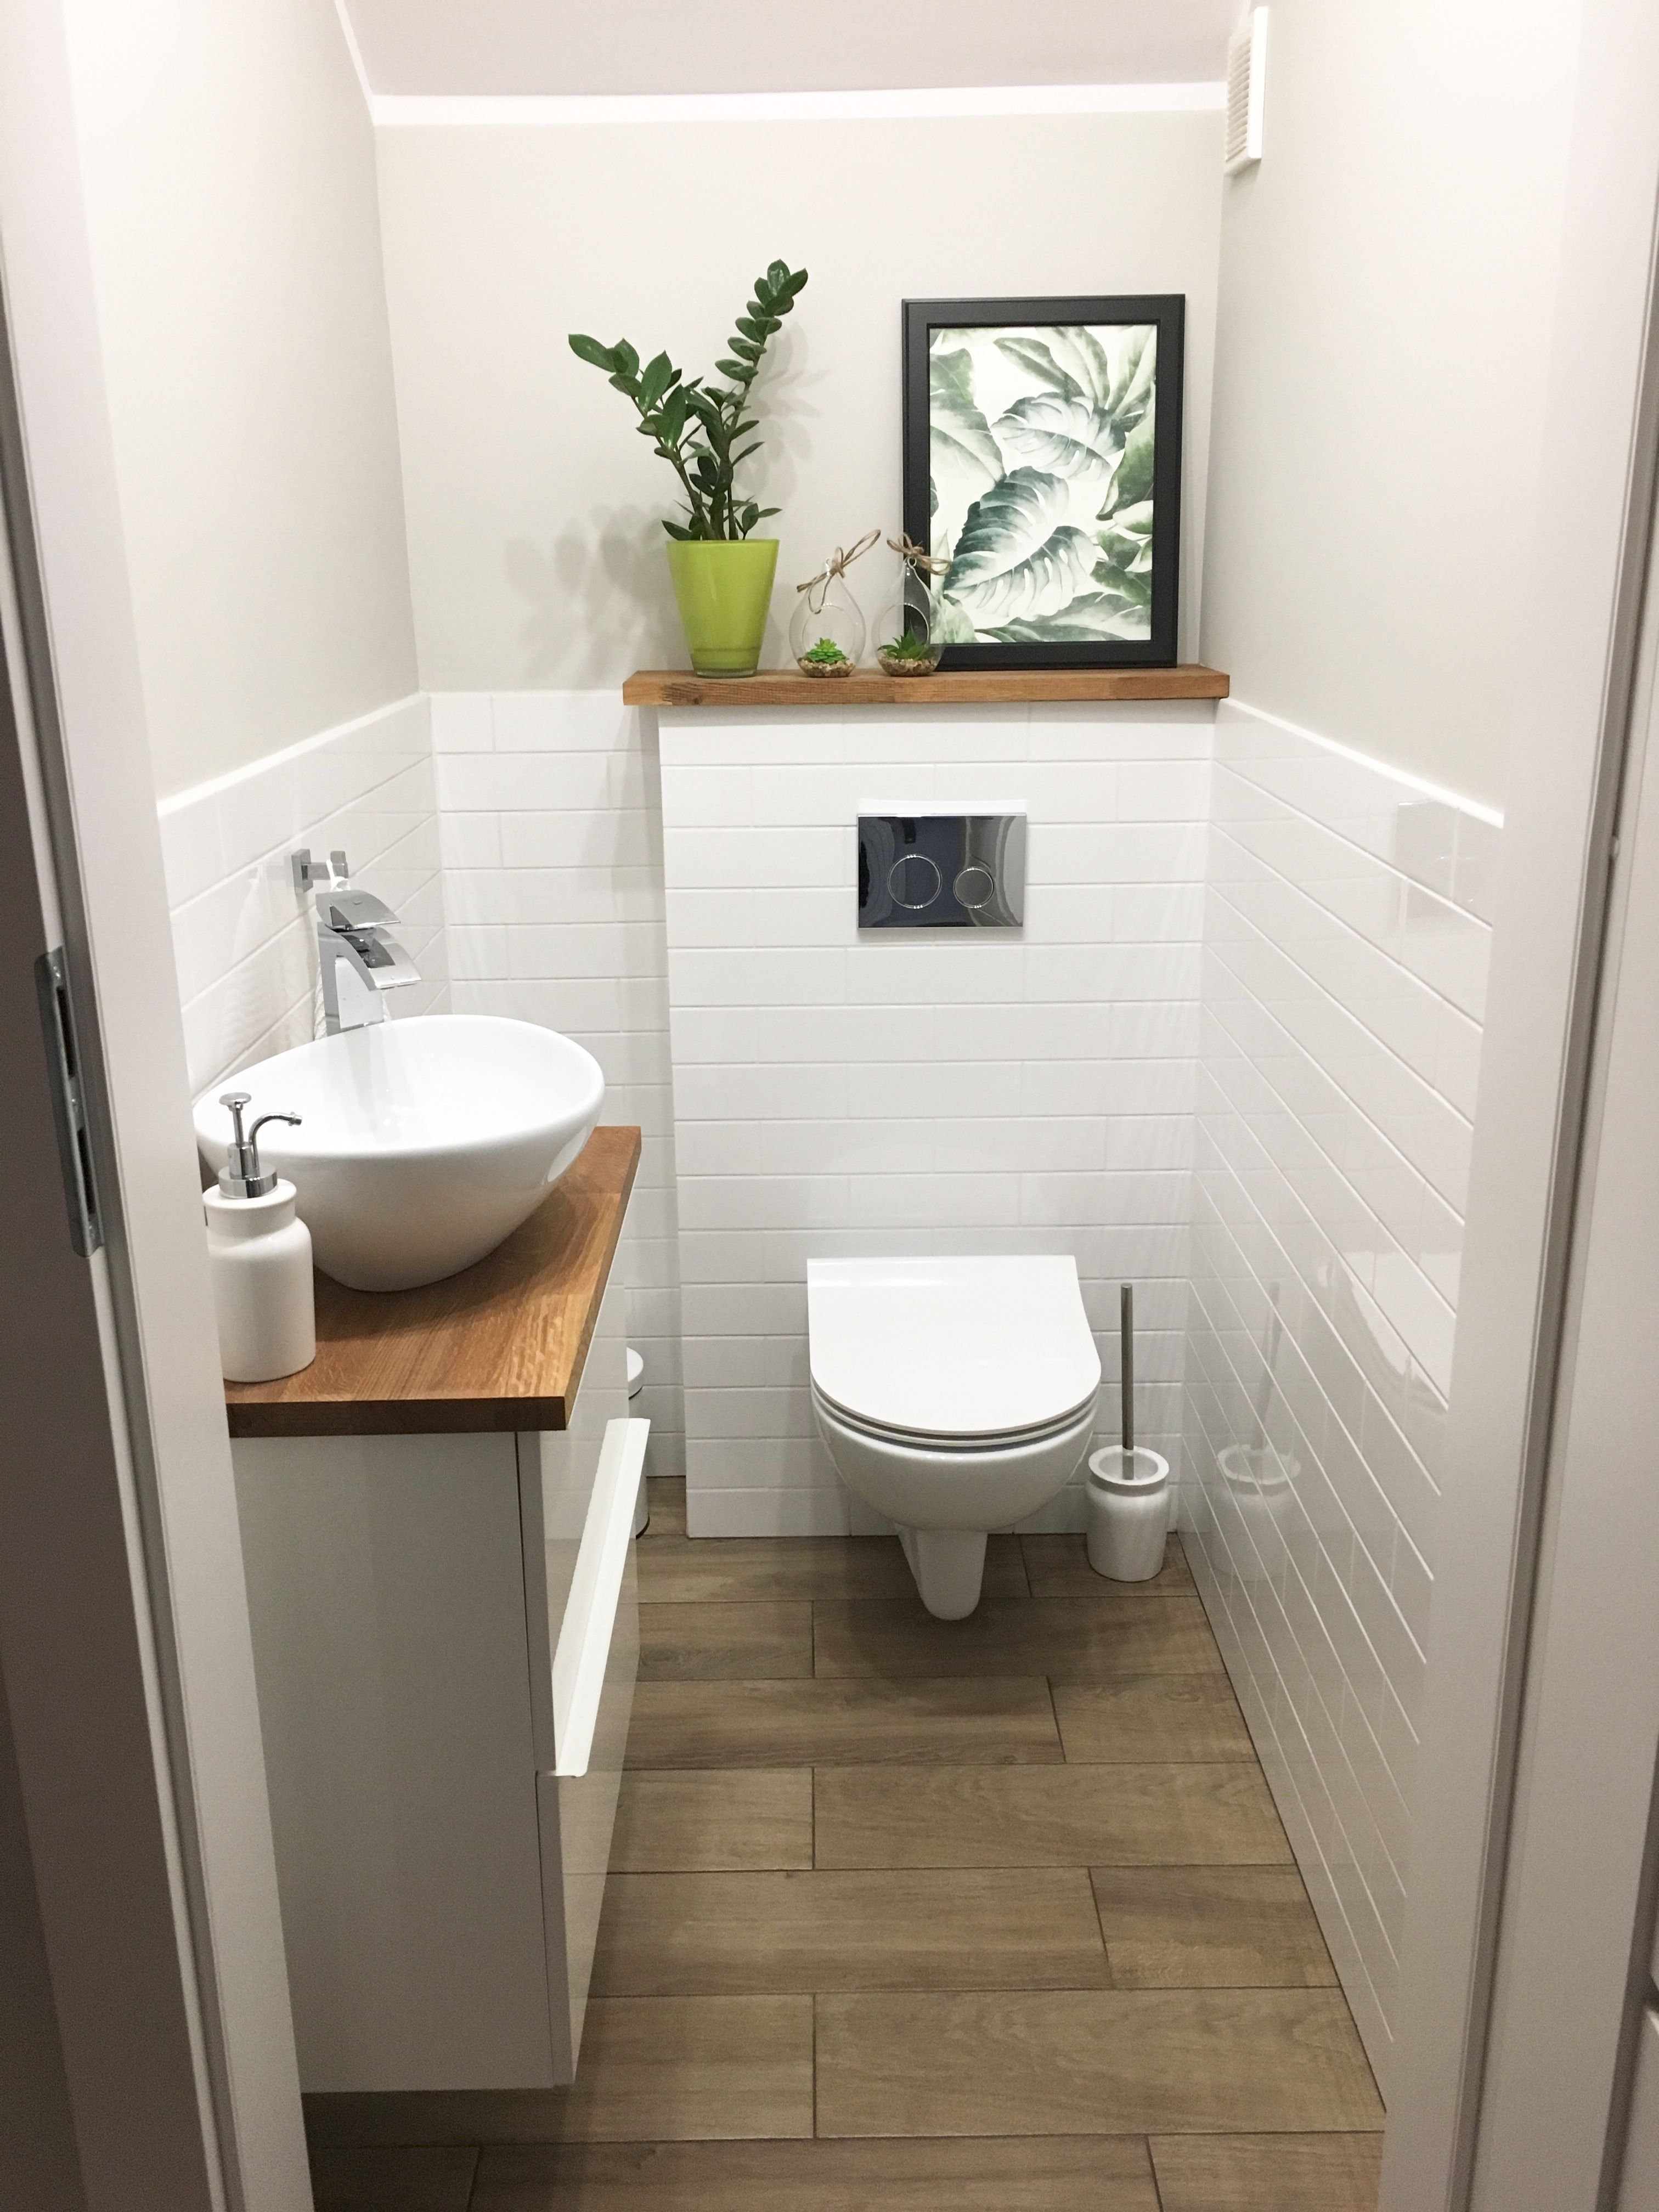 Toaleta Pod Schodami Toaleta Pod Schodami Es Ist Einfacher Als Sie Denken Sich Kleine In 2020 Wohnung Badezimmer Dekoration Badezimmer Dekor Kleine Badezimmer Design